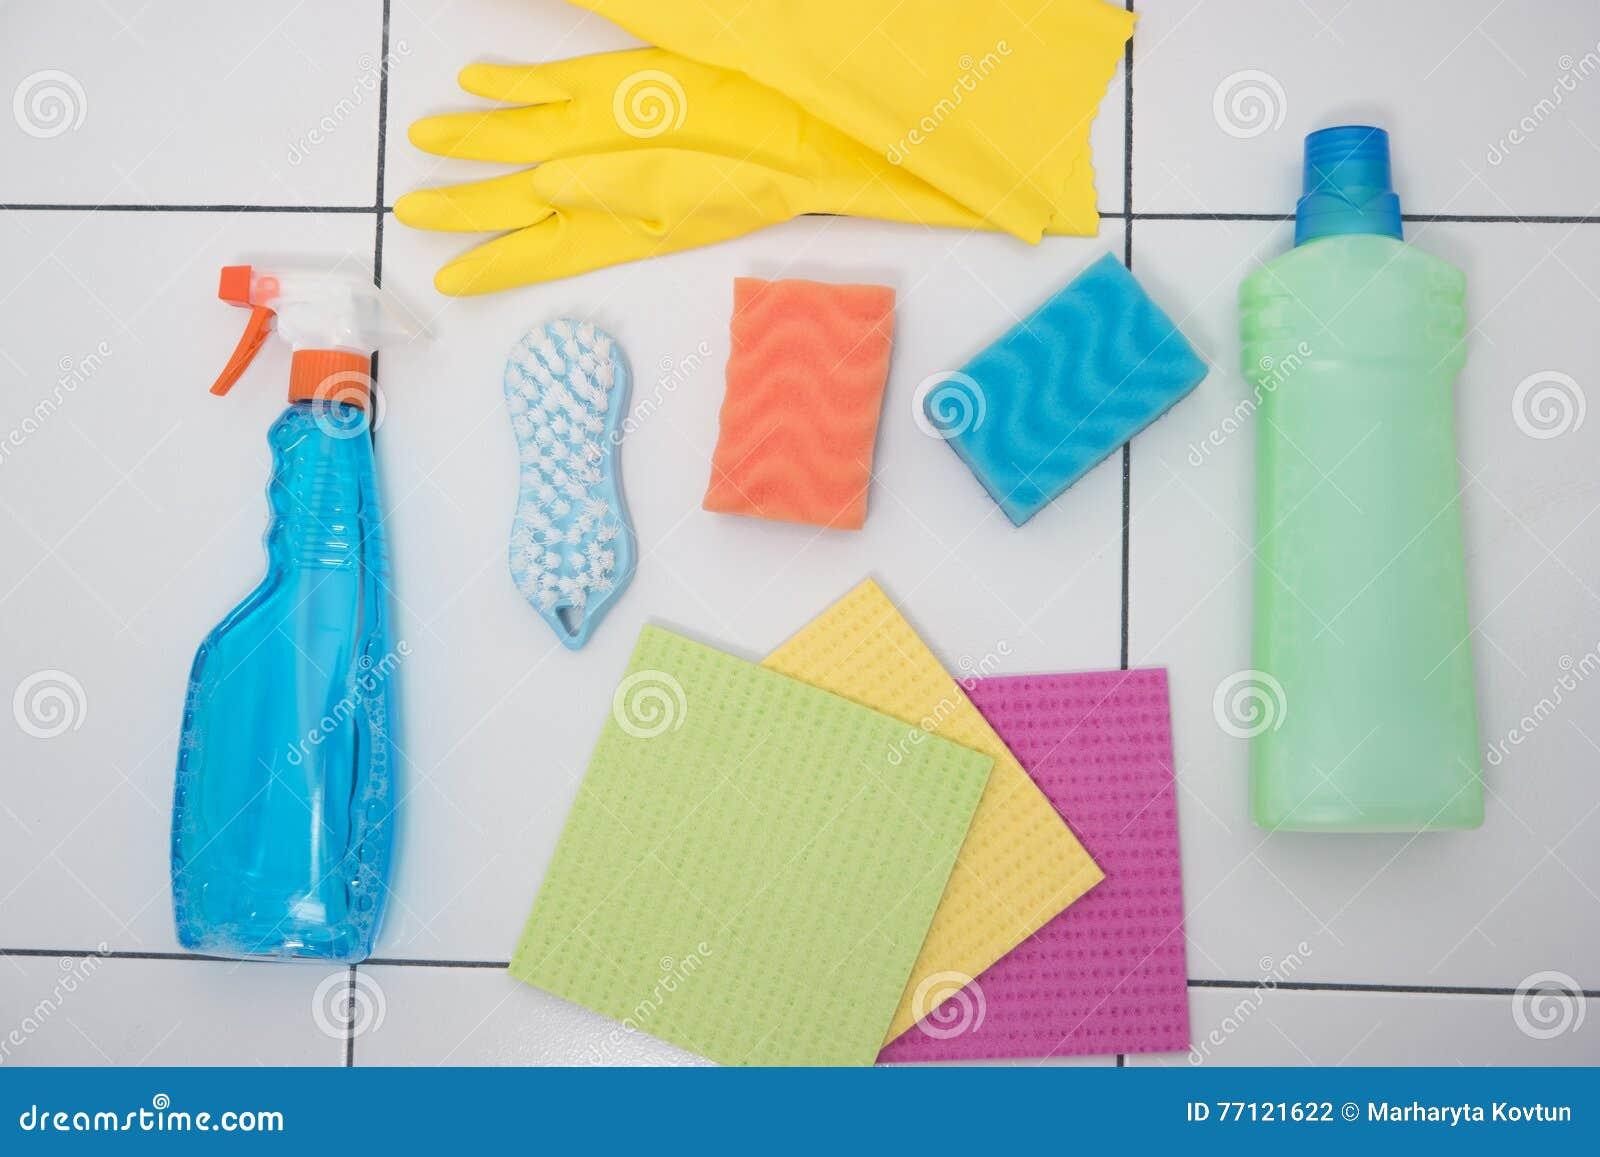 Objetos brillantes para limpiar la casa foto de archivo - Limpiar la casa ...